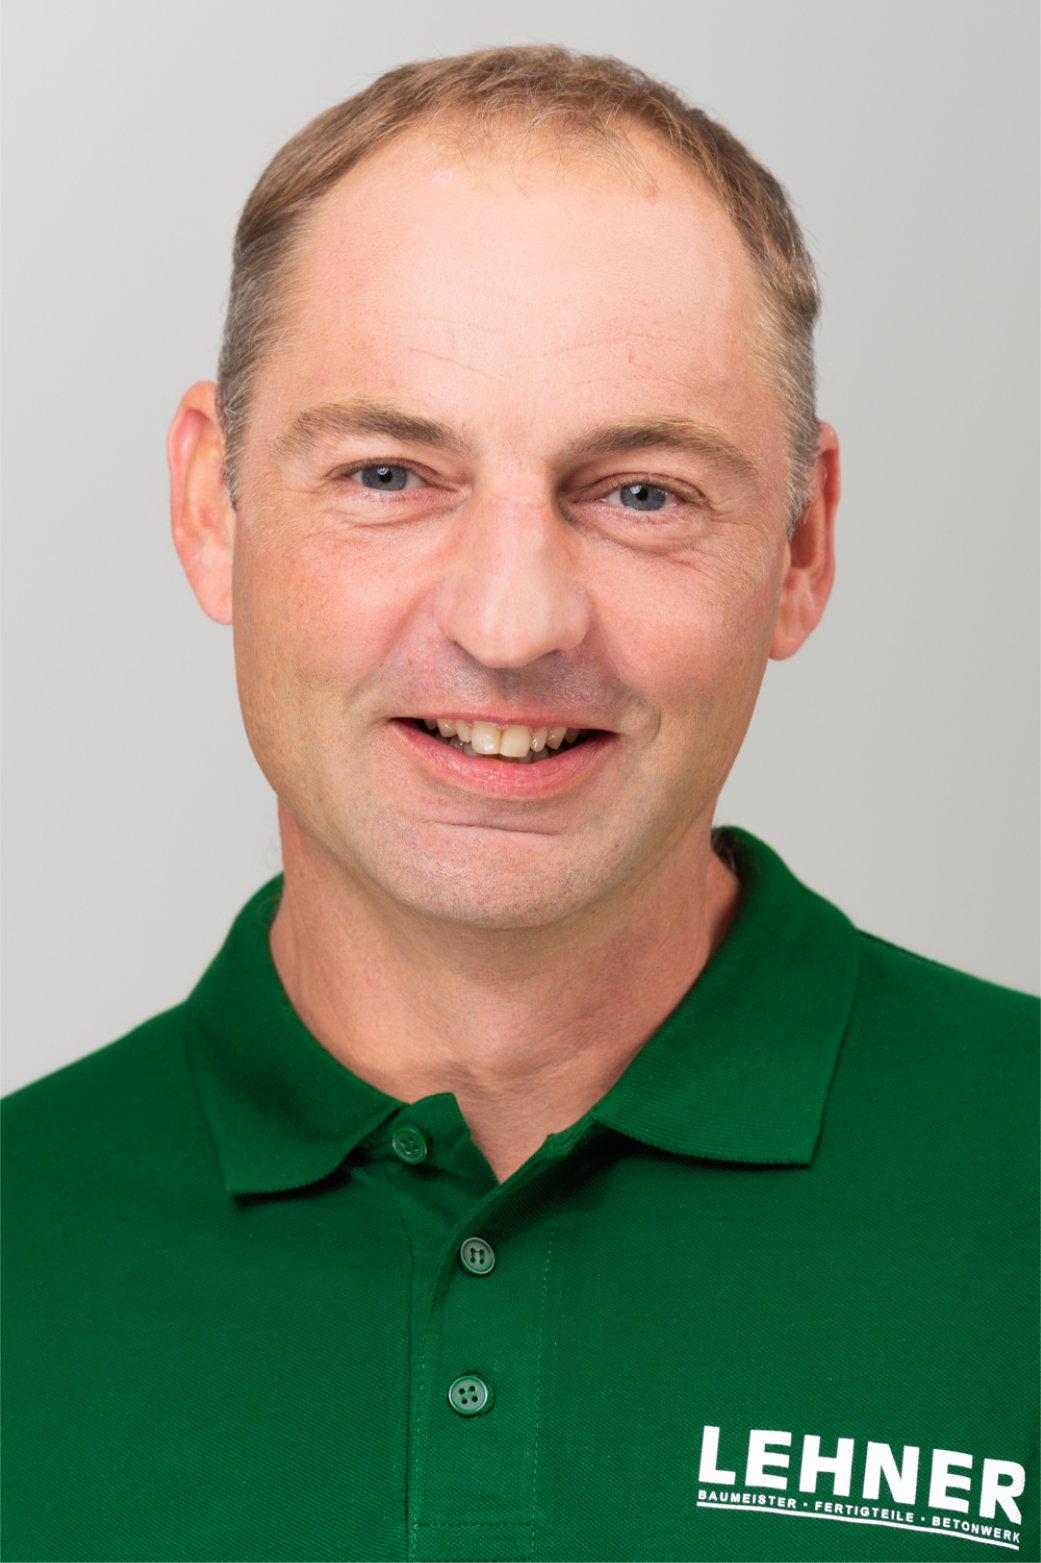 Johannes Dirnberger